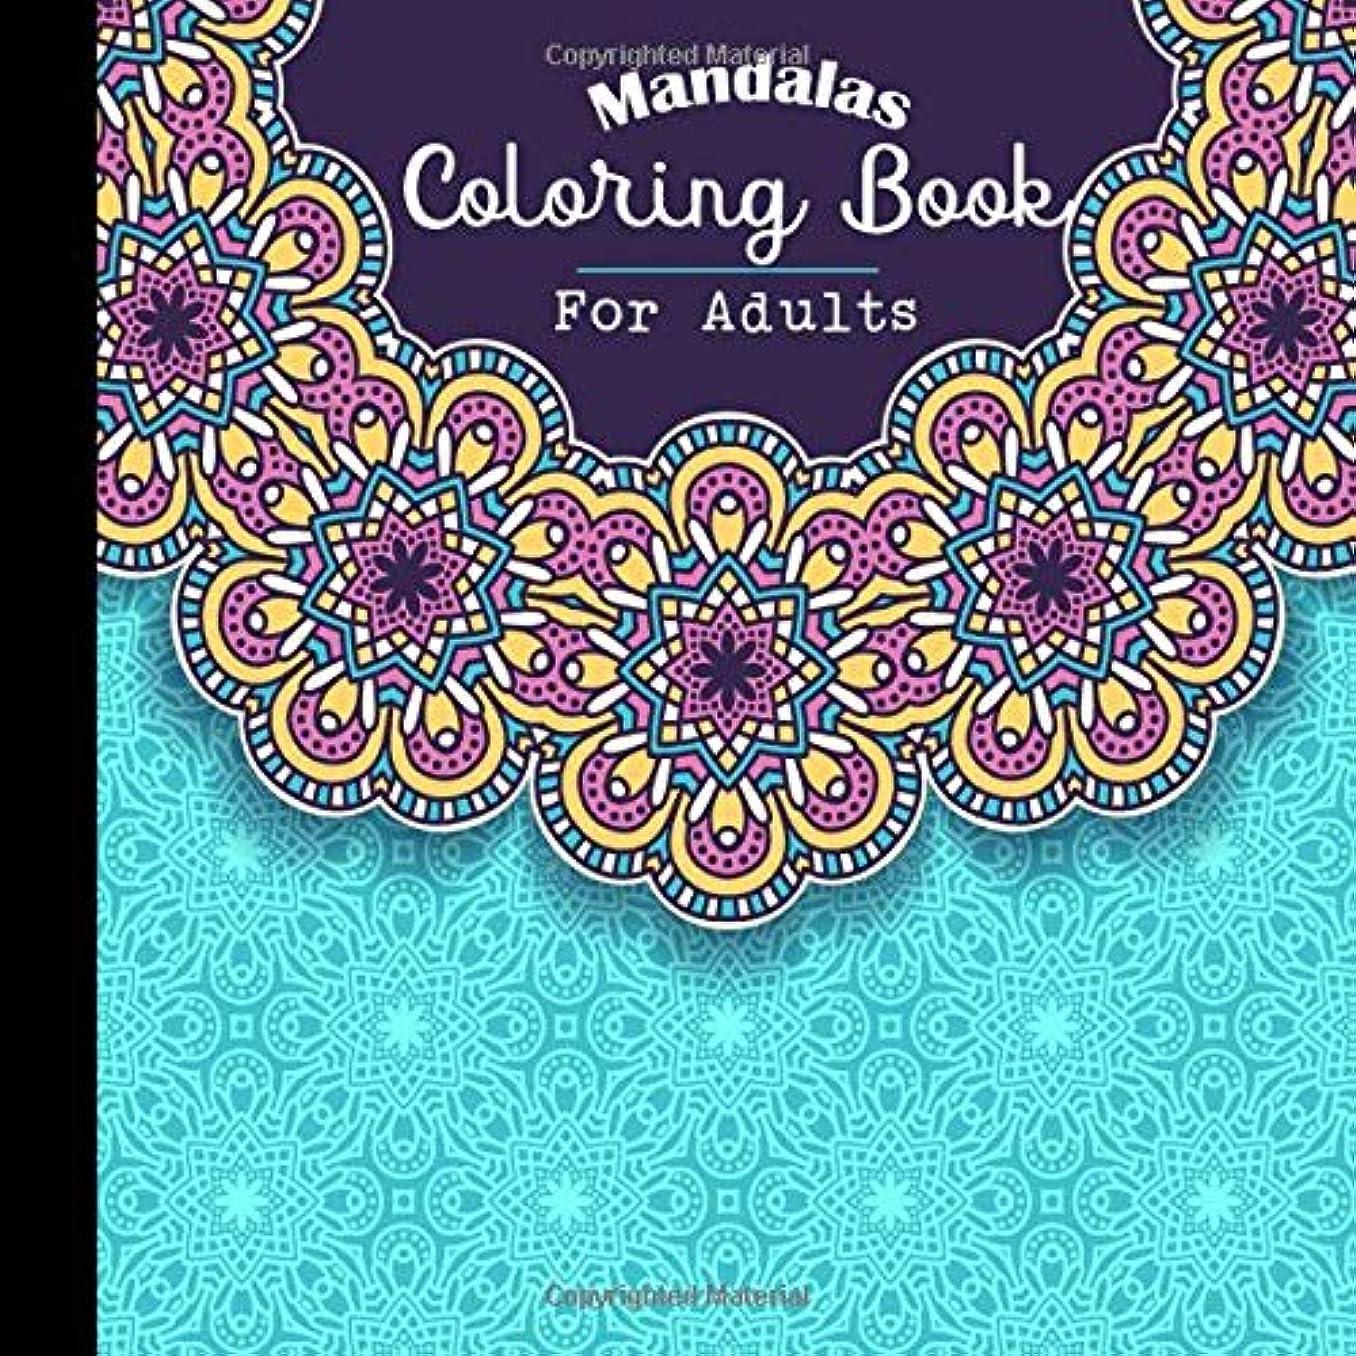 節約雪だるま法医学Mandalas Coloring Book for Adults: Beautiful Mandalas Low Stress Coloring Book for Seniors & Beginners